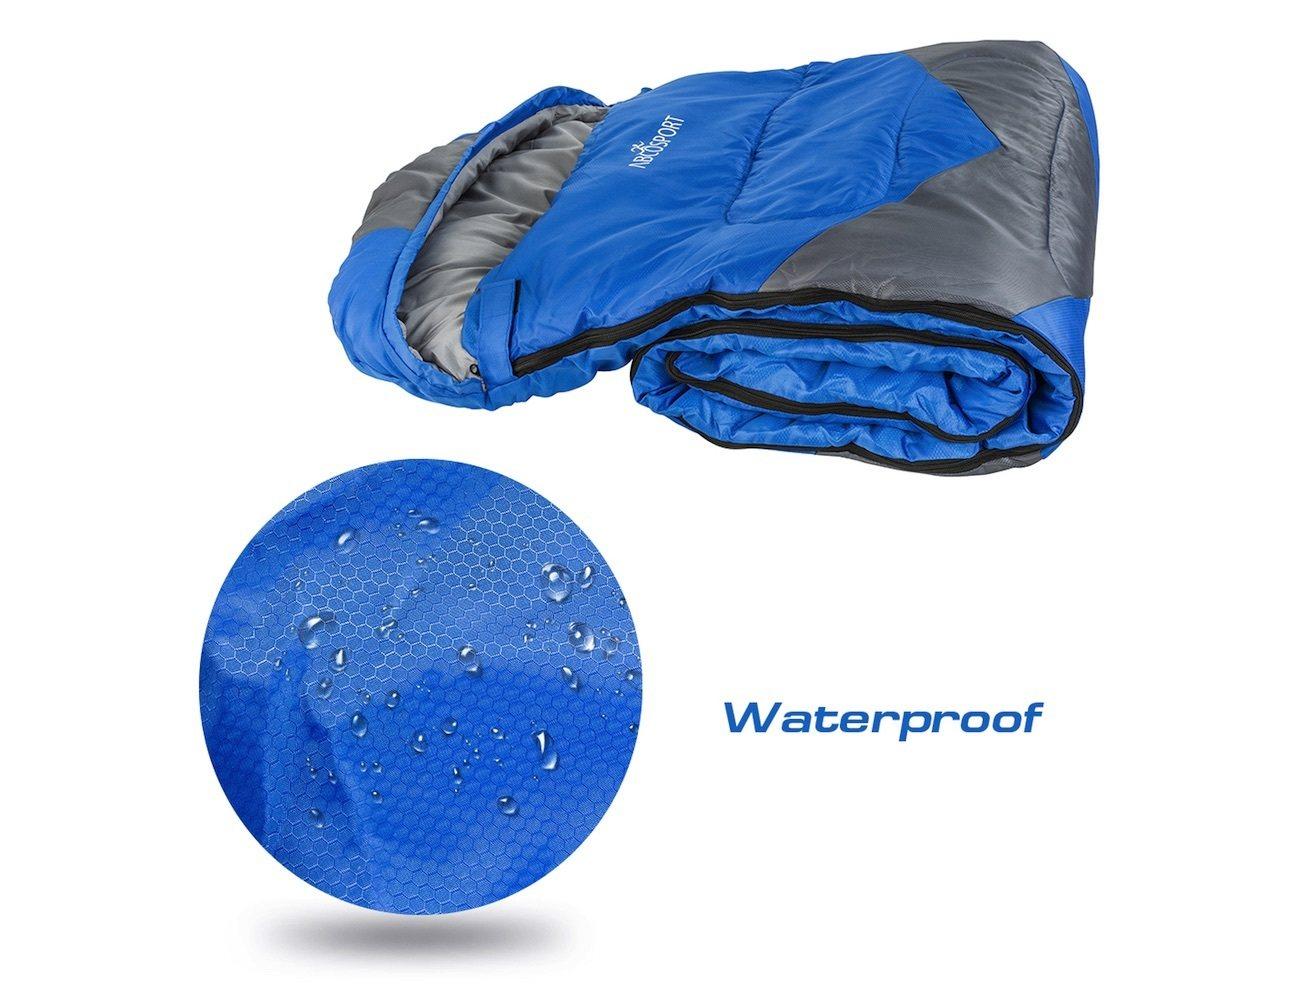 Portable Sleeping Bag by Abco Tech